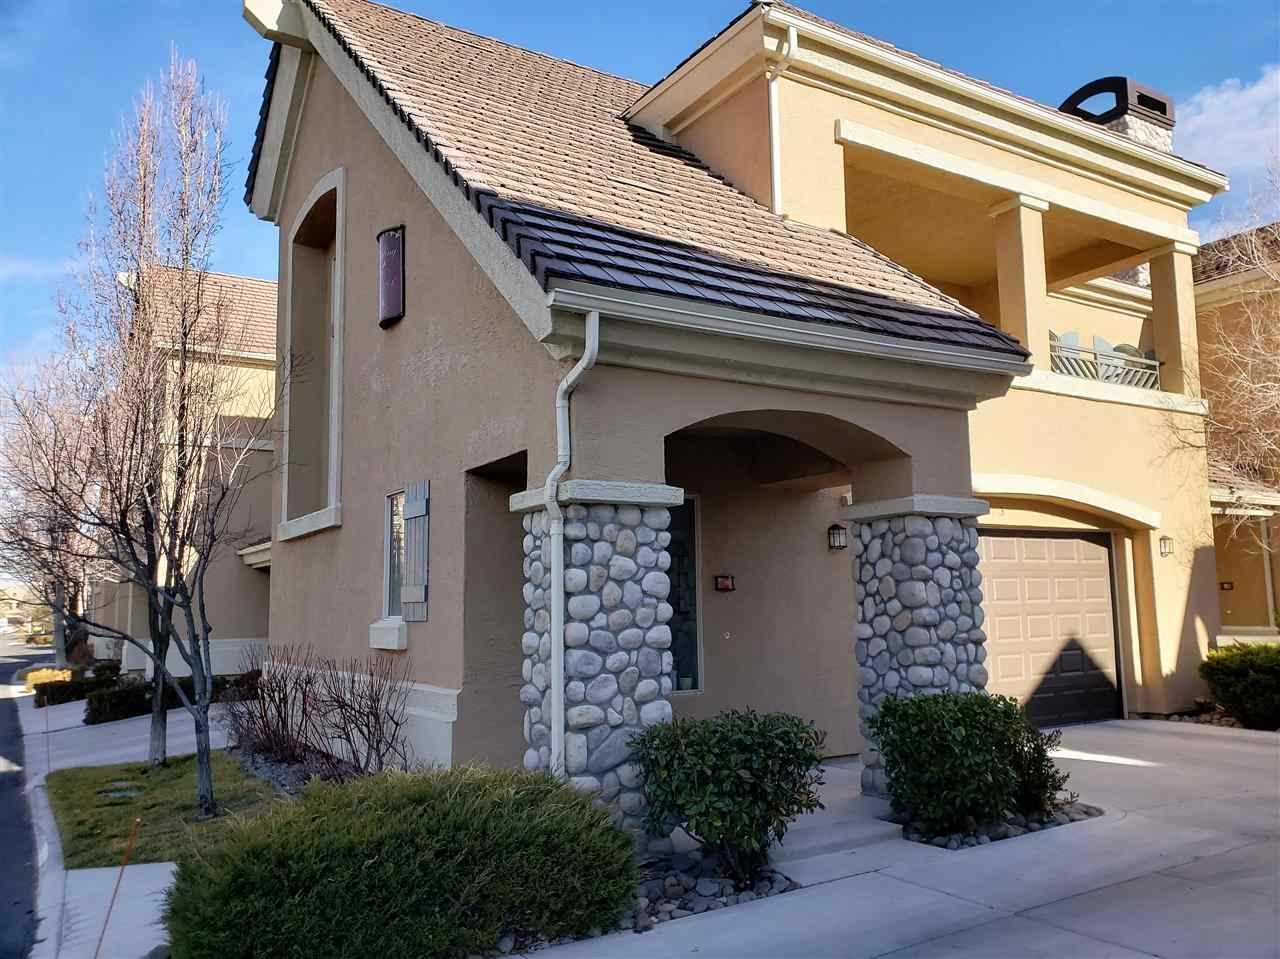 9900 Wilbur May Reno, NV 89521-3069 | MLS 190002541 Photo 1